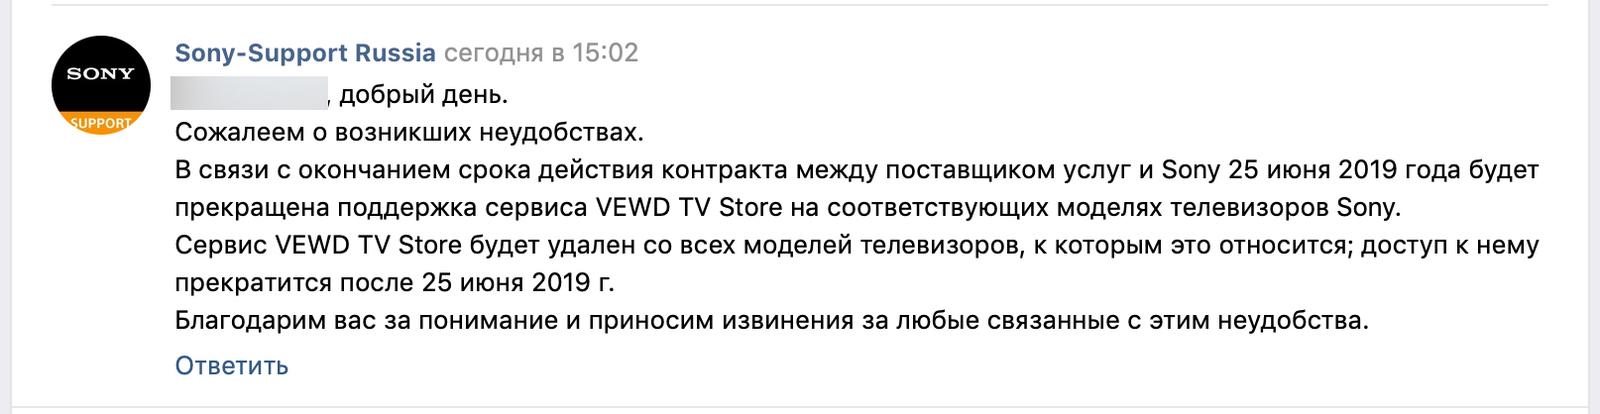 Для тех кто планирует приобрести телевизор Sony с магазином